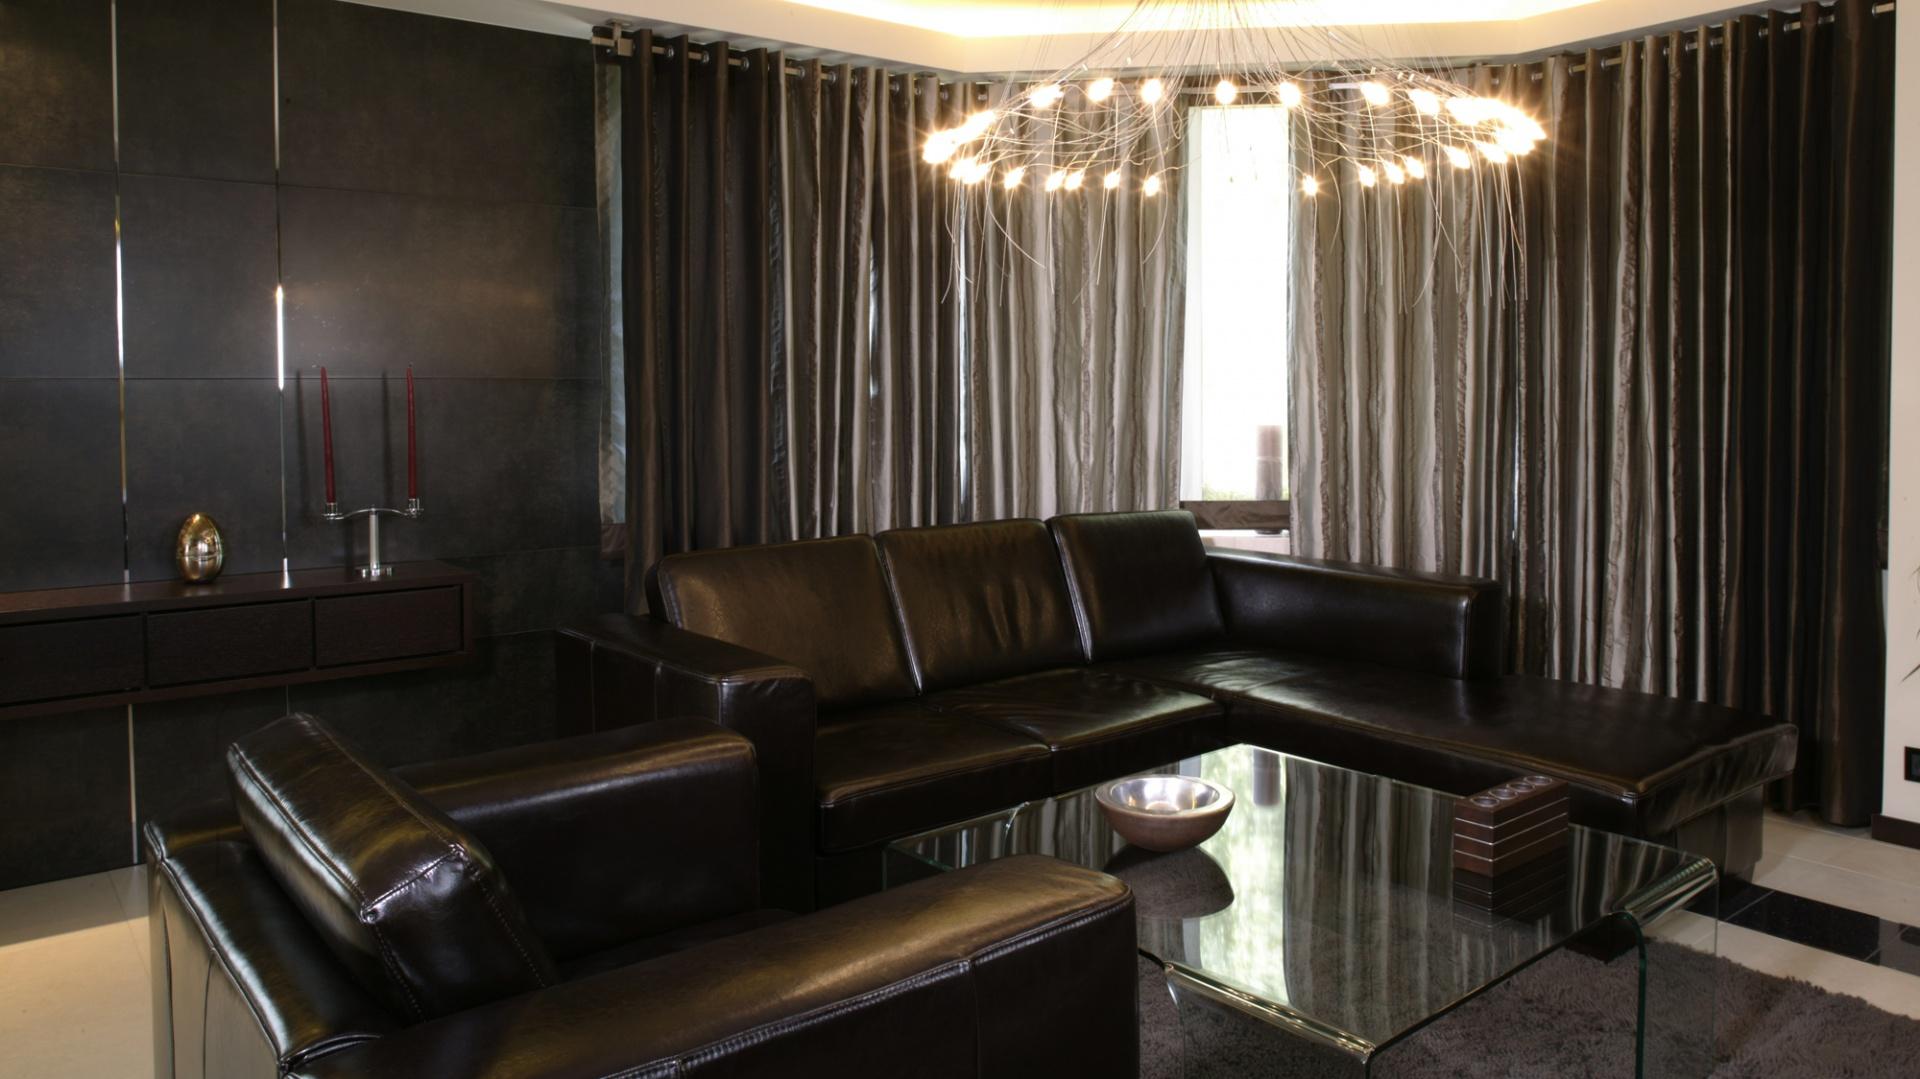 W wypoczynkowej strefie salonu stanęły skórzane kanapy w odcieniu ciemnej czekolady oraz lekki, szklany stolik do kawy. Również tutaj, ściana została wyłożona antracytowymi płytami, do których umocowano półkę z drewna wenge. Fot. Monika Filipiuk.